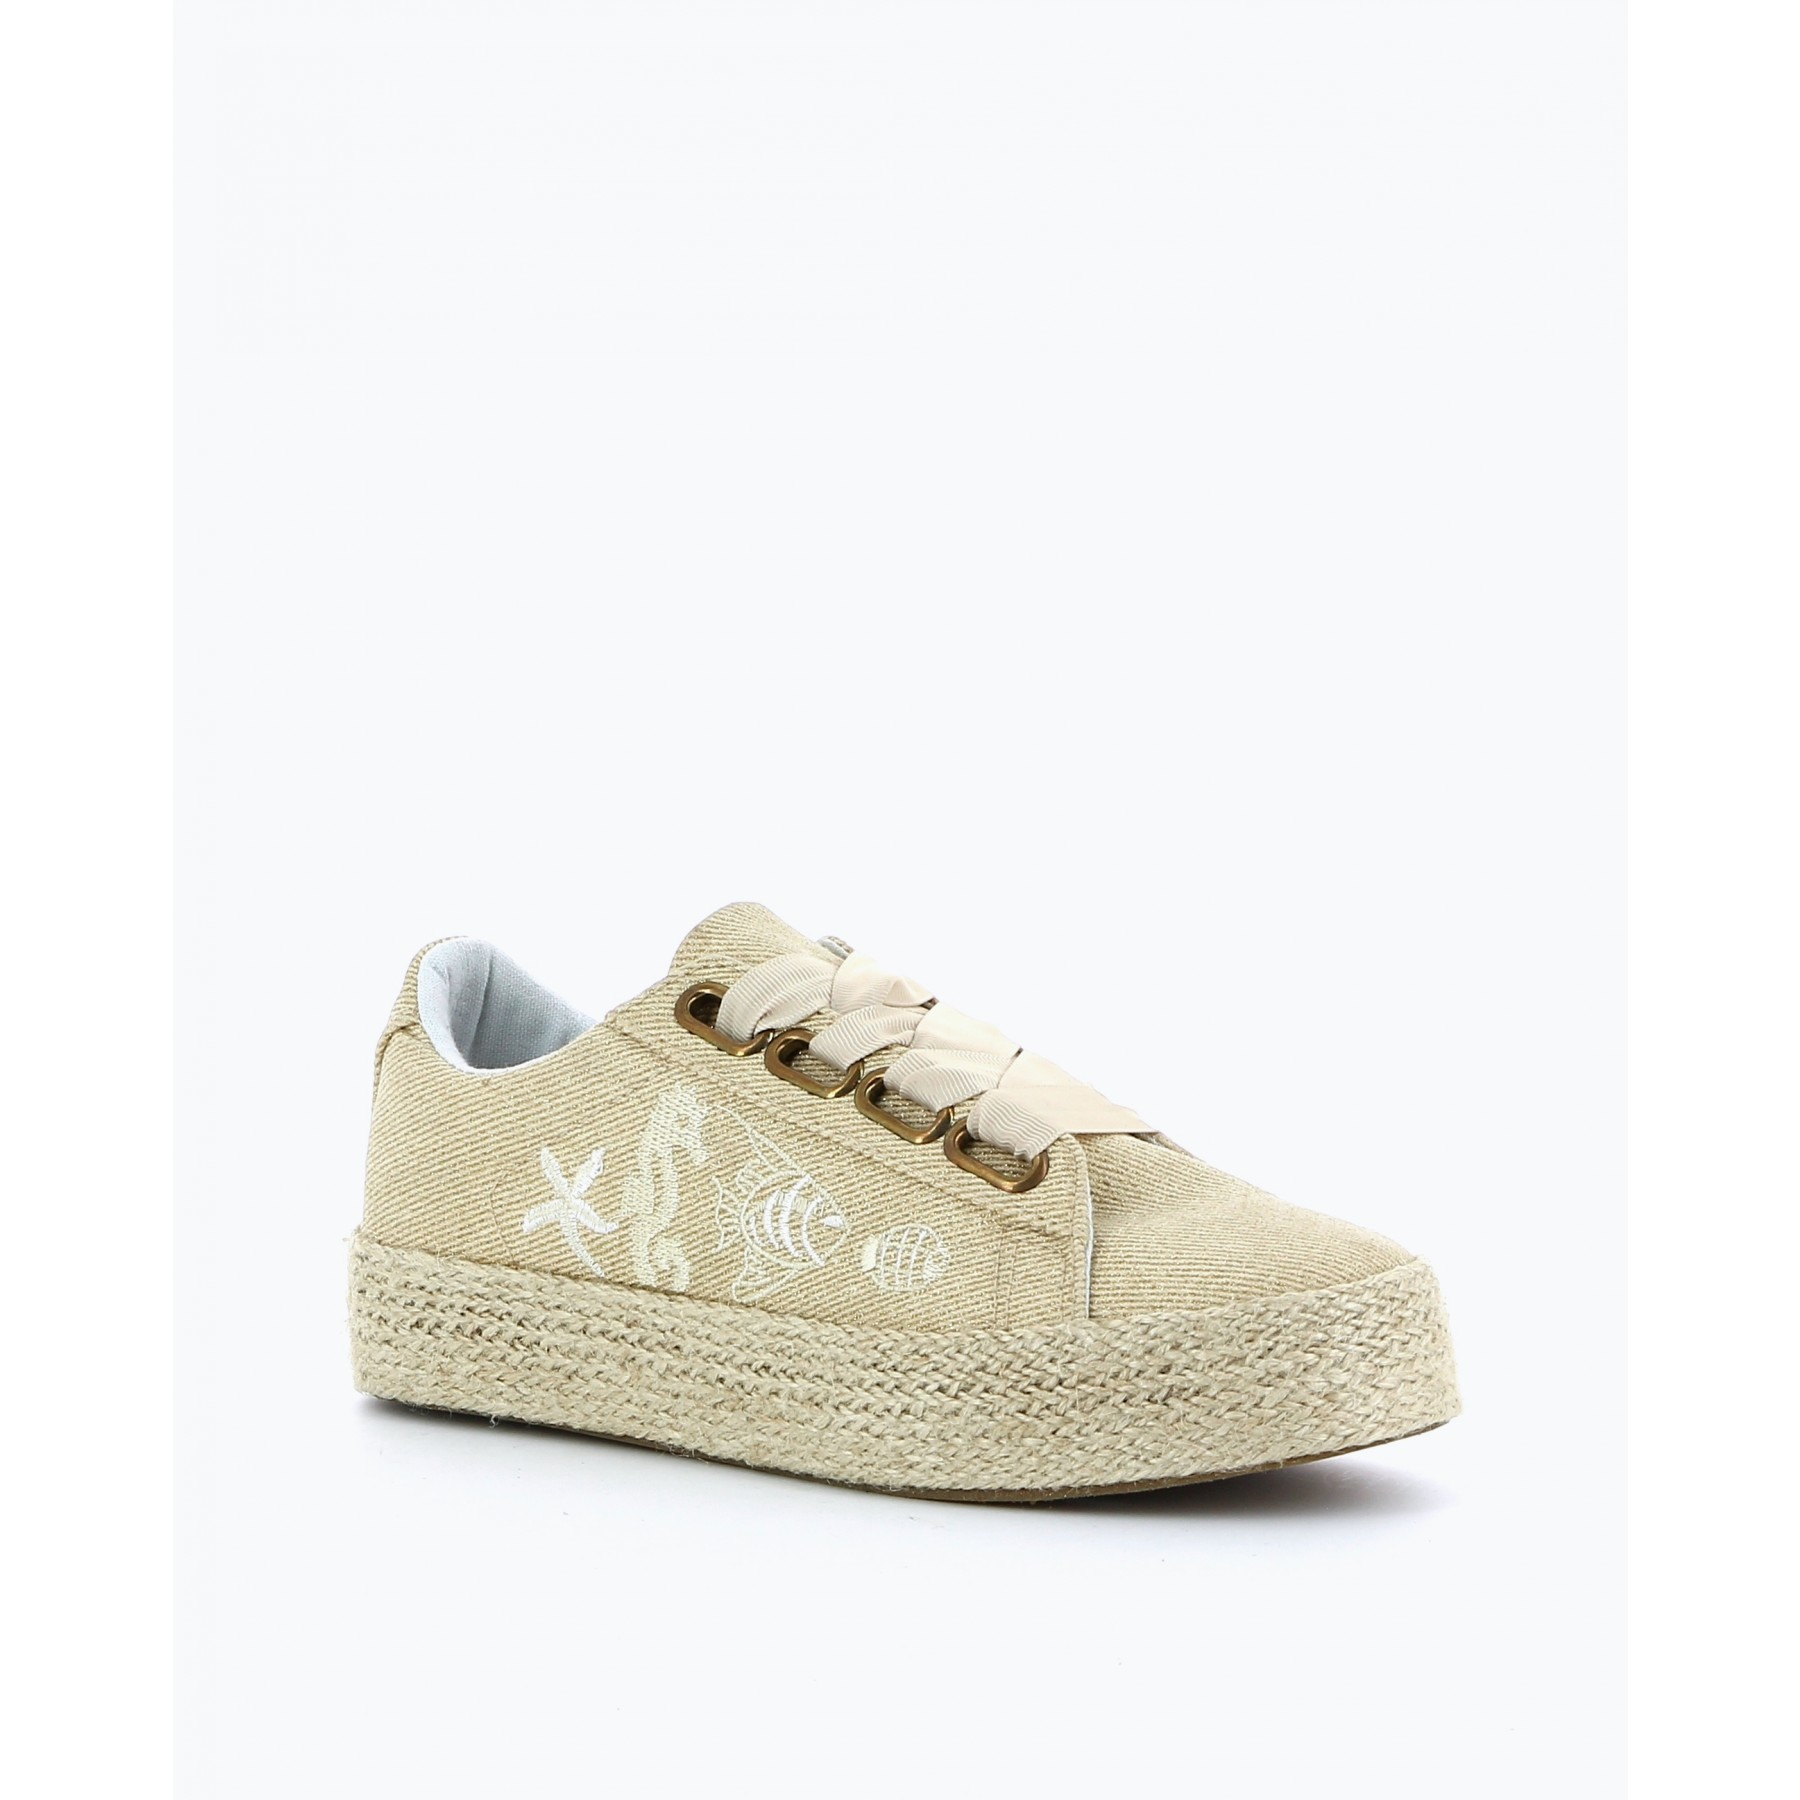 Sneakers grosse semelle